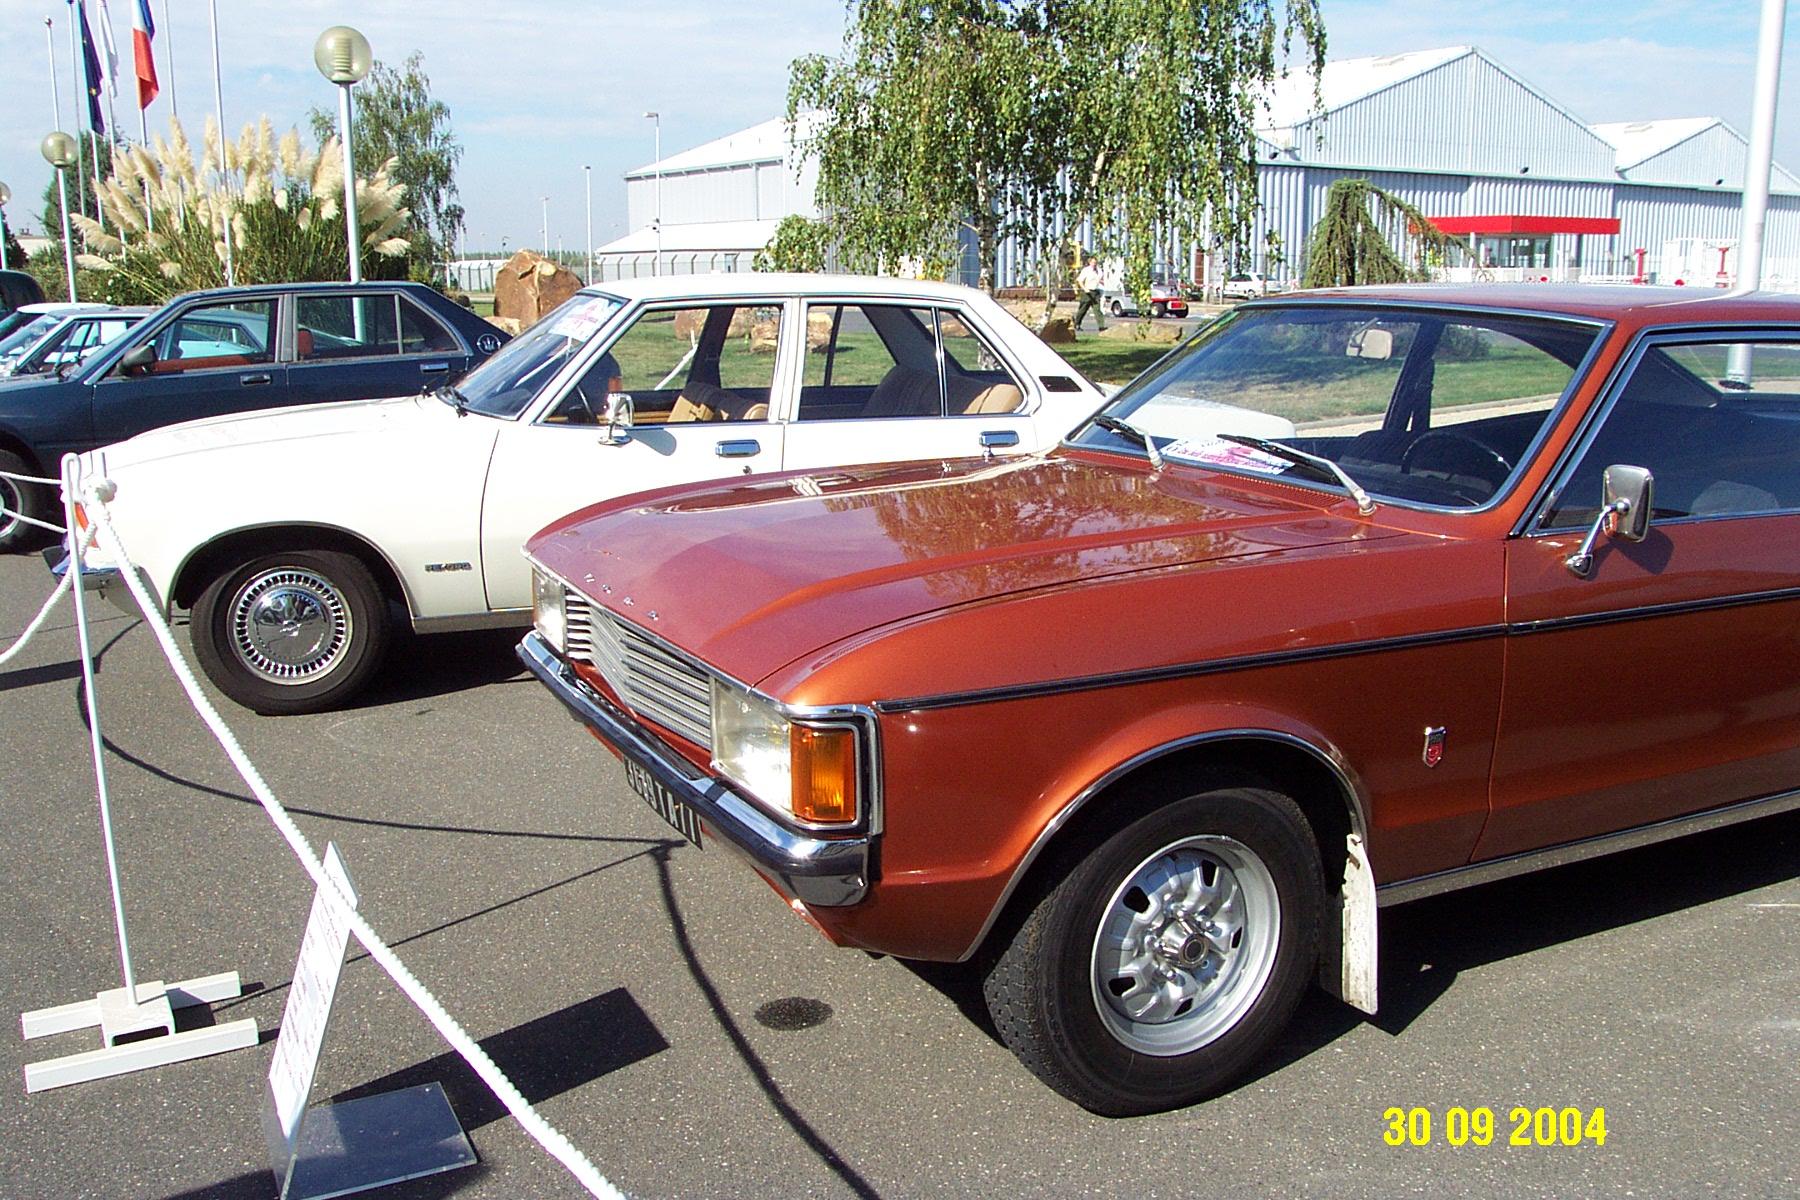 Ford Granada 2L3 coupé & Opel Rekord D 1972